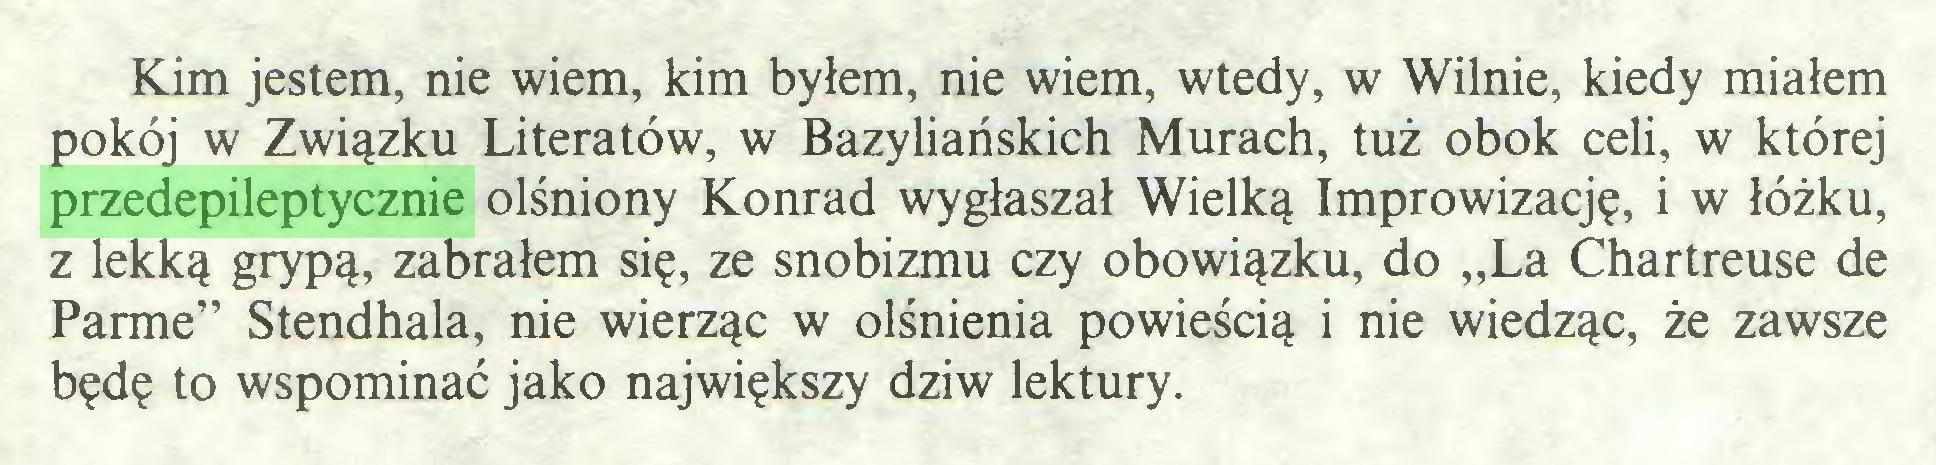 """(...) Kim jestem, nie wiem, kim byłem, nie wiem, wtedy, w Wilnie, kiedy miałem pokój w Związku Literatów, w Bazyliańskich Murach, tuż obok celi, w której przedepileptycznie olśniony Konrad wygłaszał Wielką Improwizację, i w łóżku, z lekką grypą, zabrałem się, ze snobizmu czy obowiązku, do """"La Chartreuse de Parmę"""" Stendhala, nie wierząc w olśnienia powieścią i nie wiedząc, że zawsze będę to wspominać jako największy dziw lektury..."""